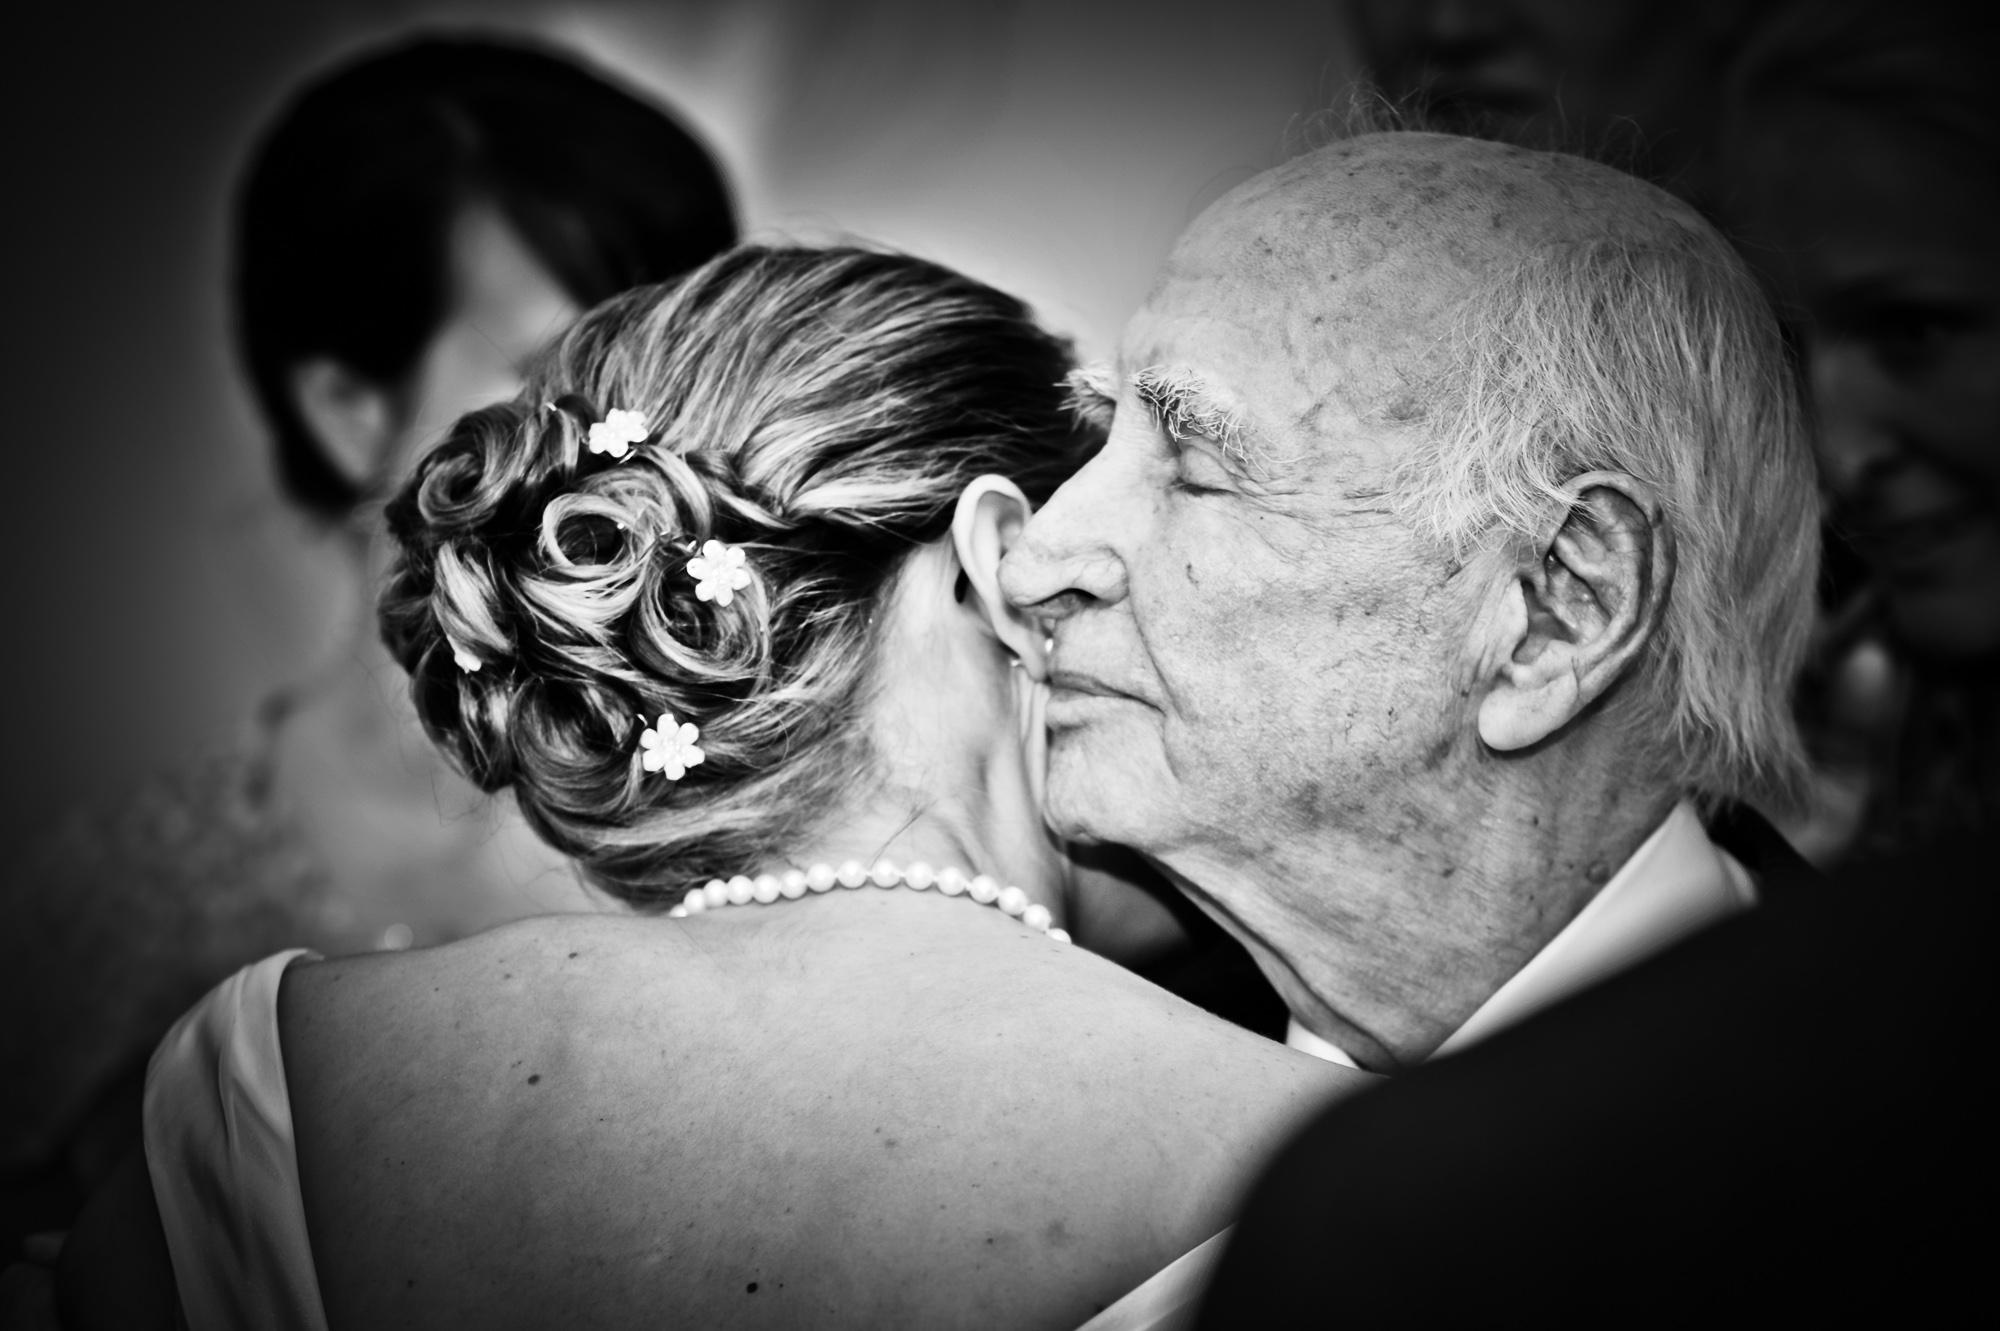 Hochzeit B2000  229160 001 - Strickroth & Fiege Fotografie